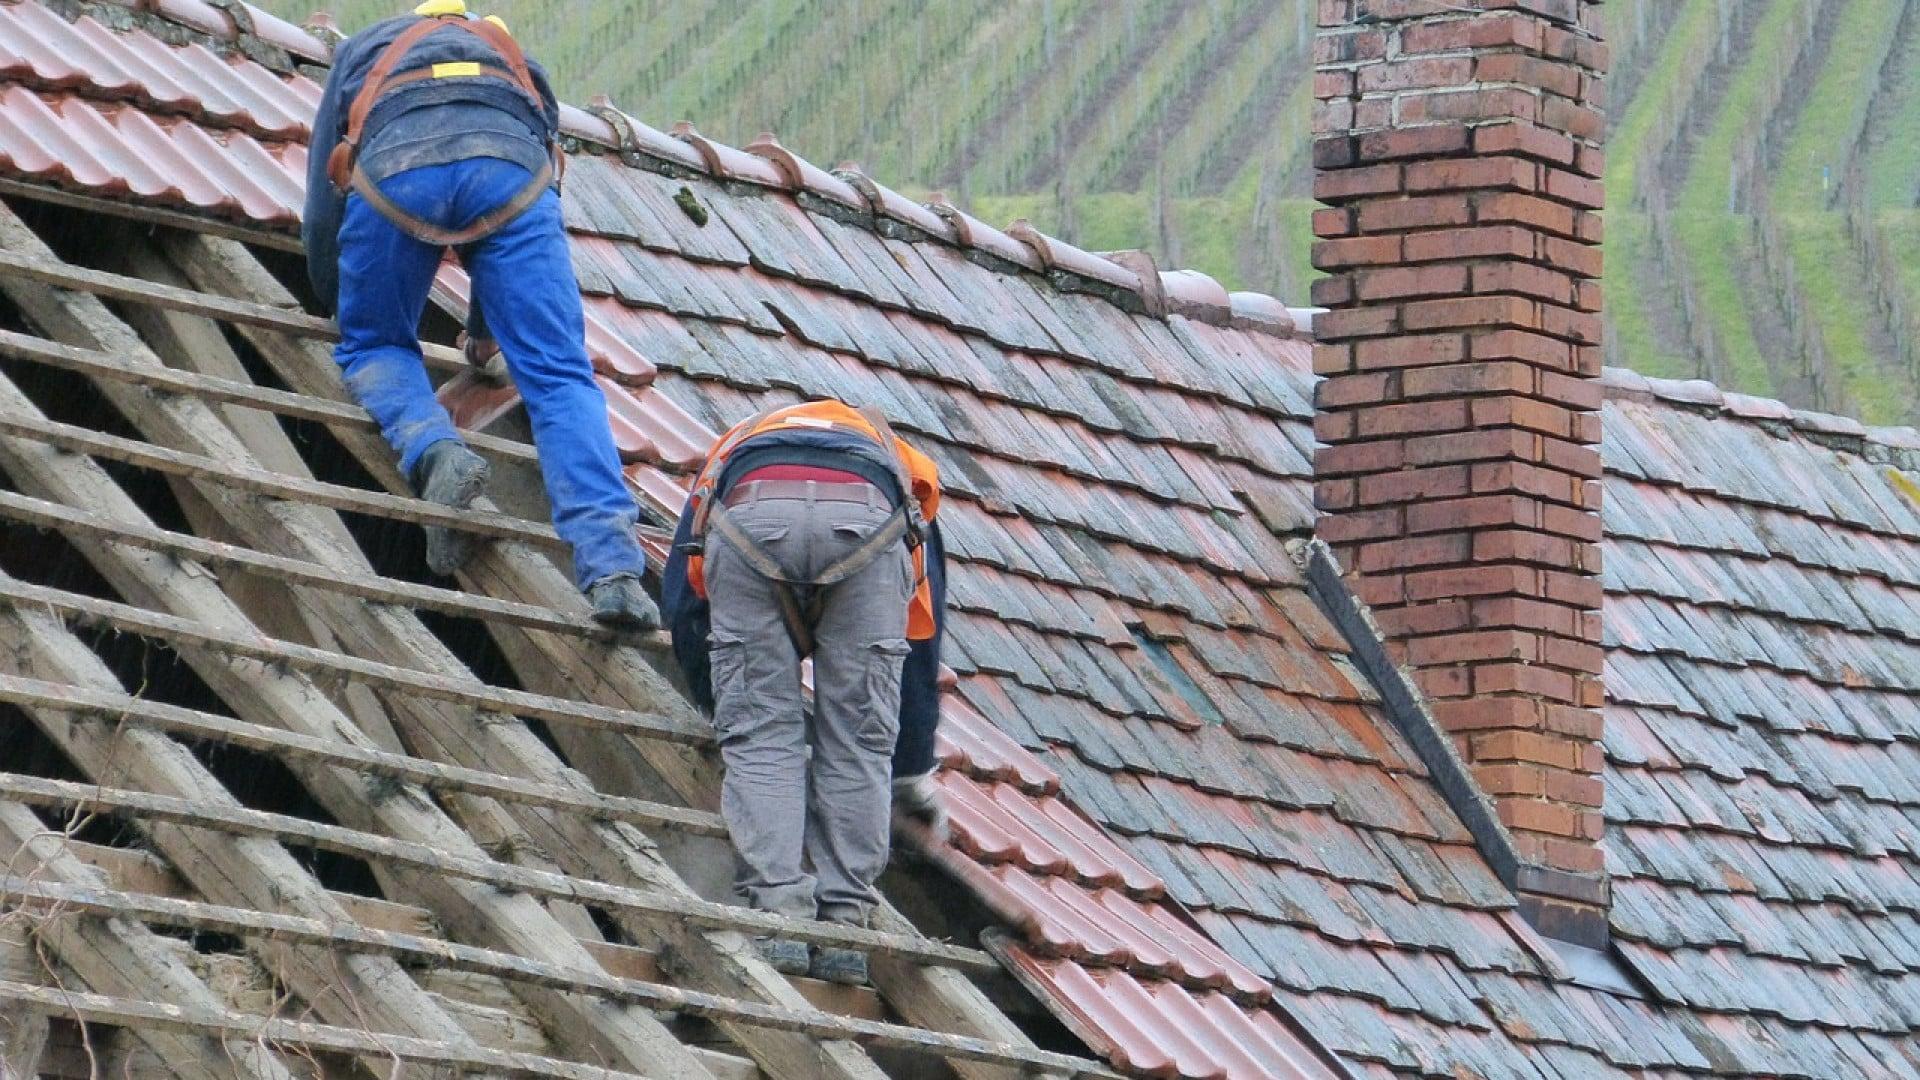 Ouvriers en charge de travaux d'isolation thermique